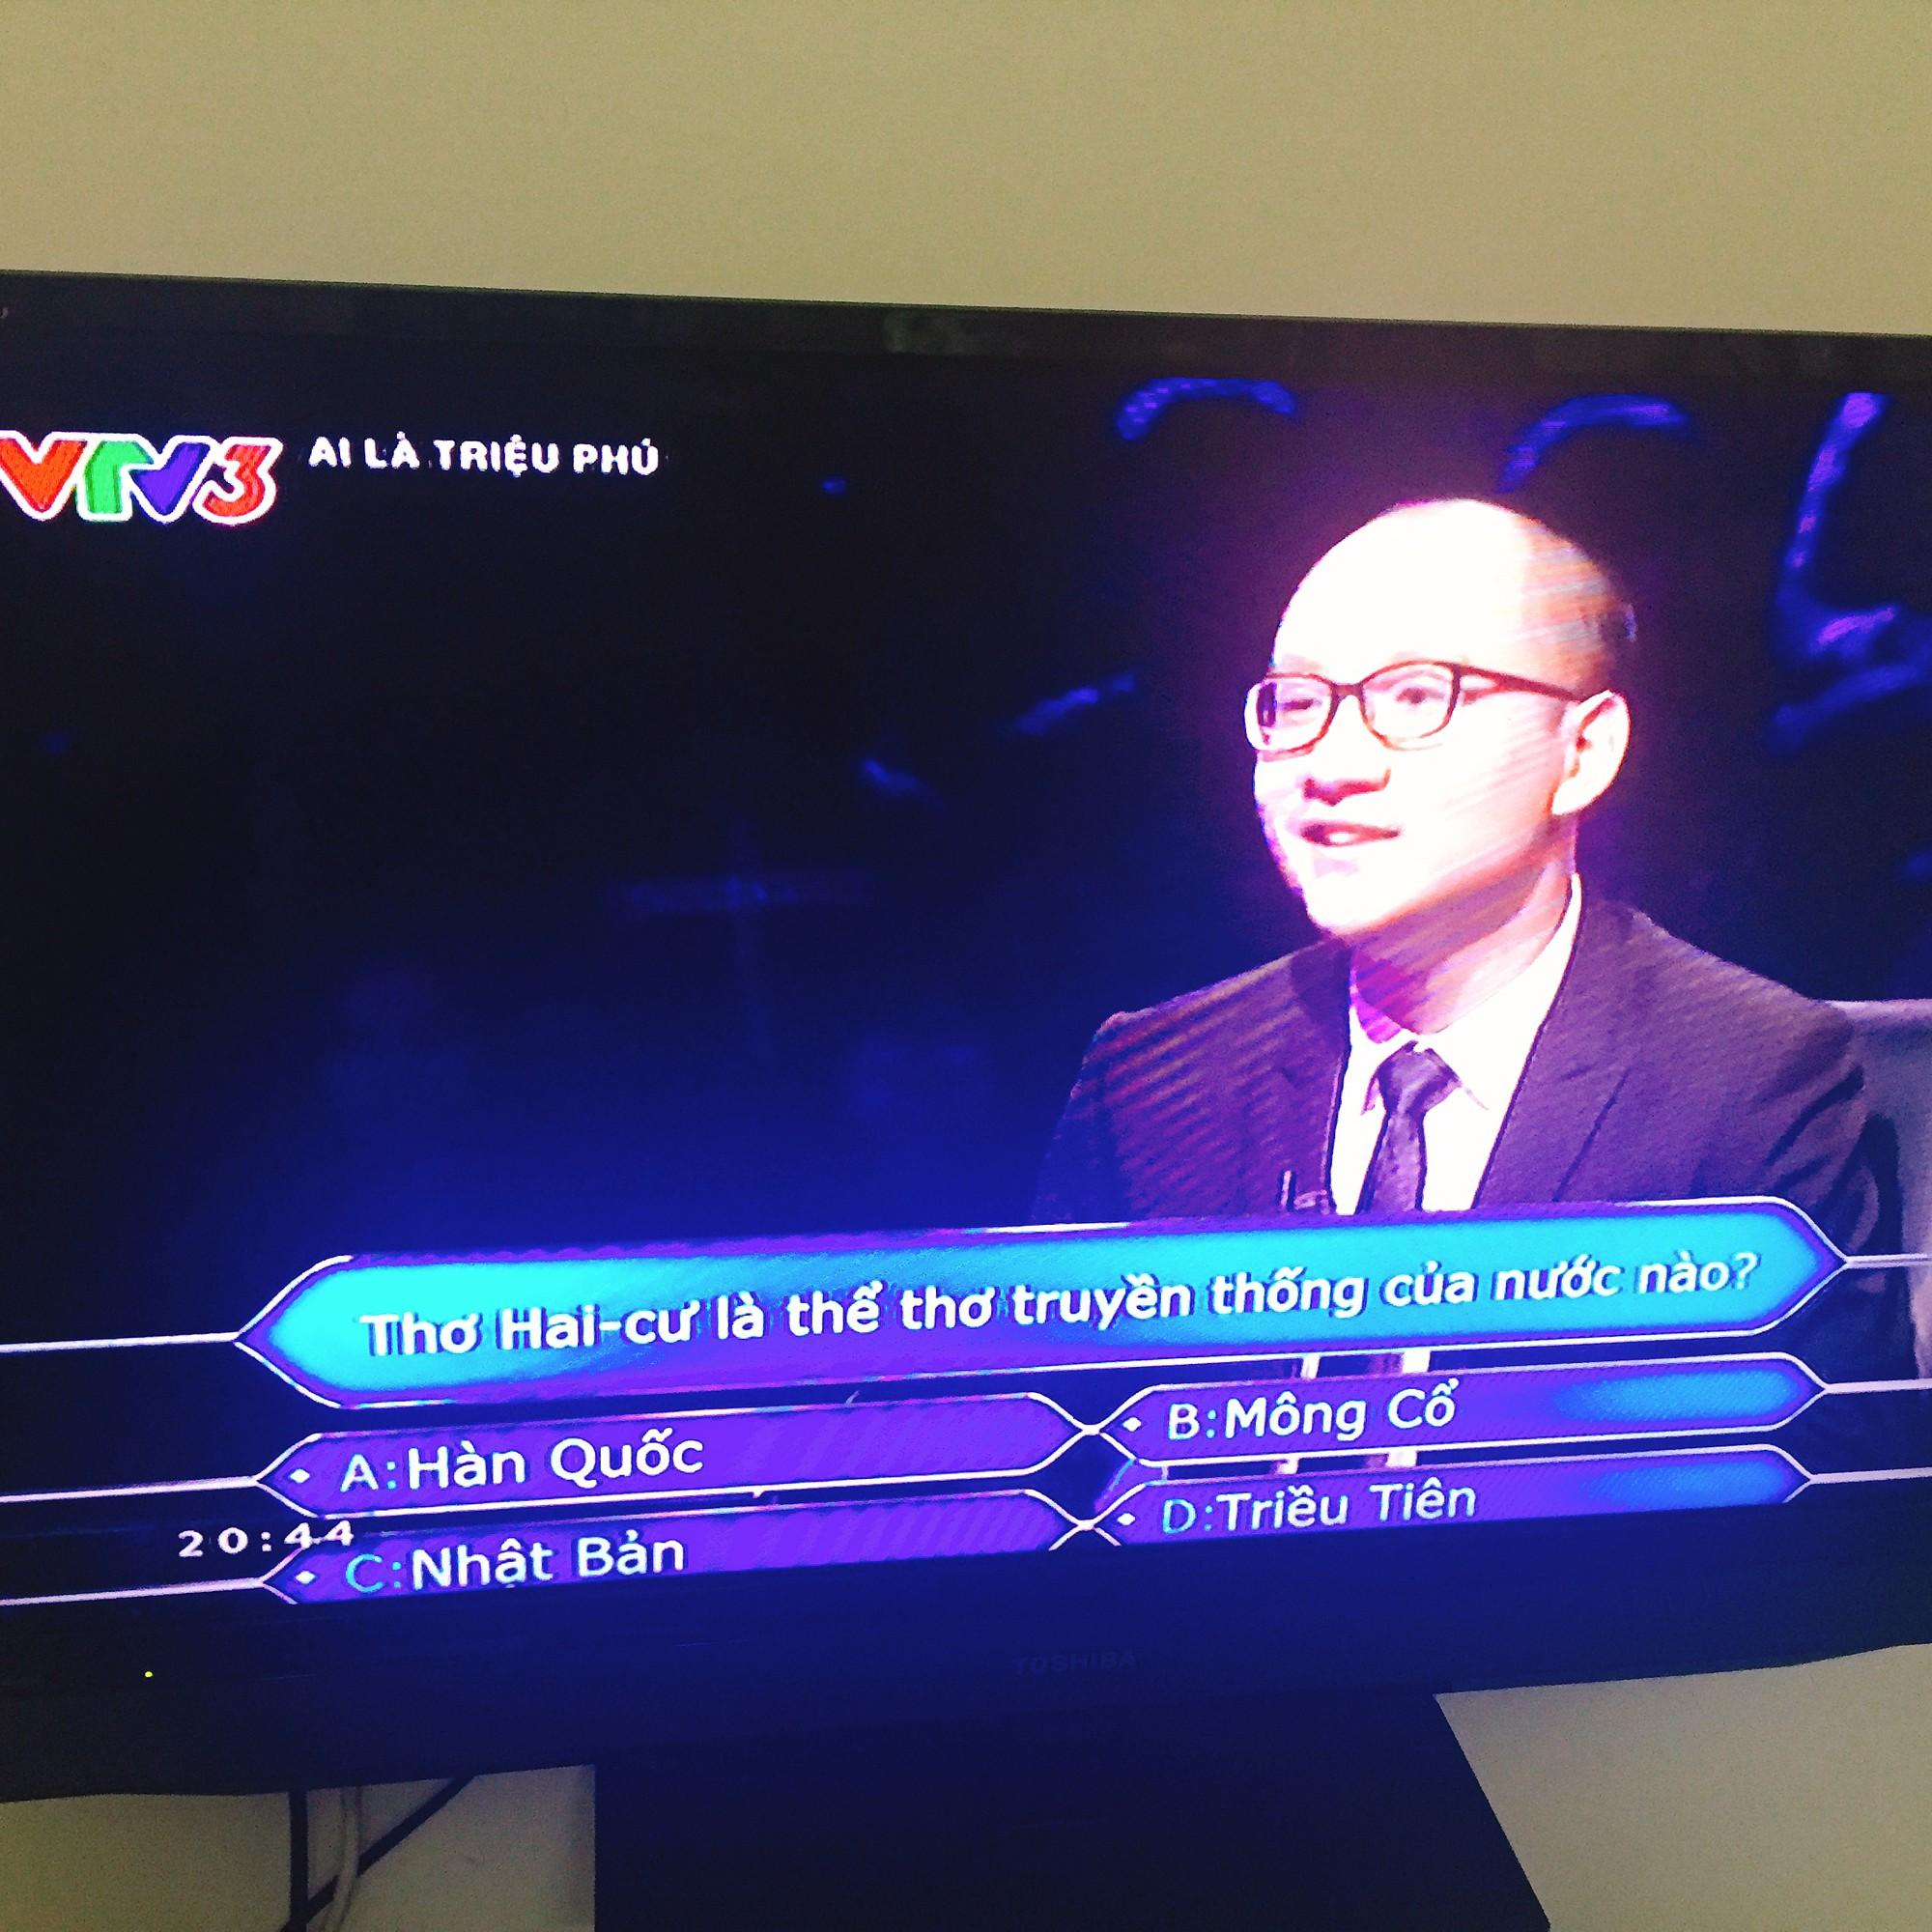 Ai là triệu phú 2018 lên sóng với MC mới - Phan Đăng, đã có người chơi mang về 22 triệu đồng - Ảnh 2.